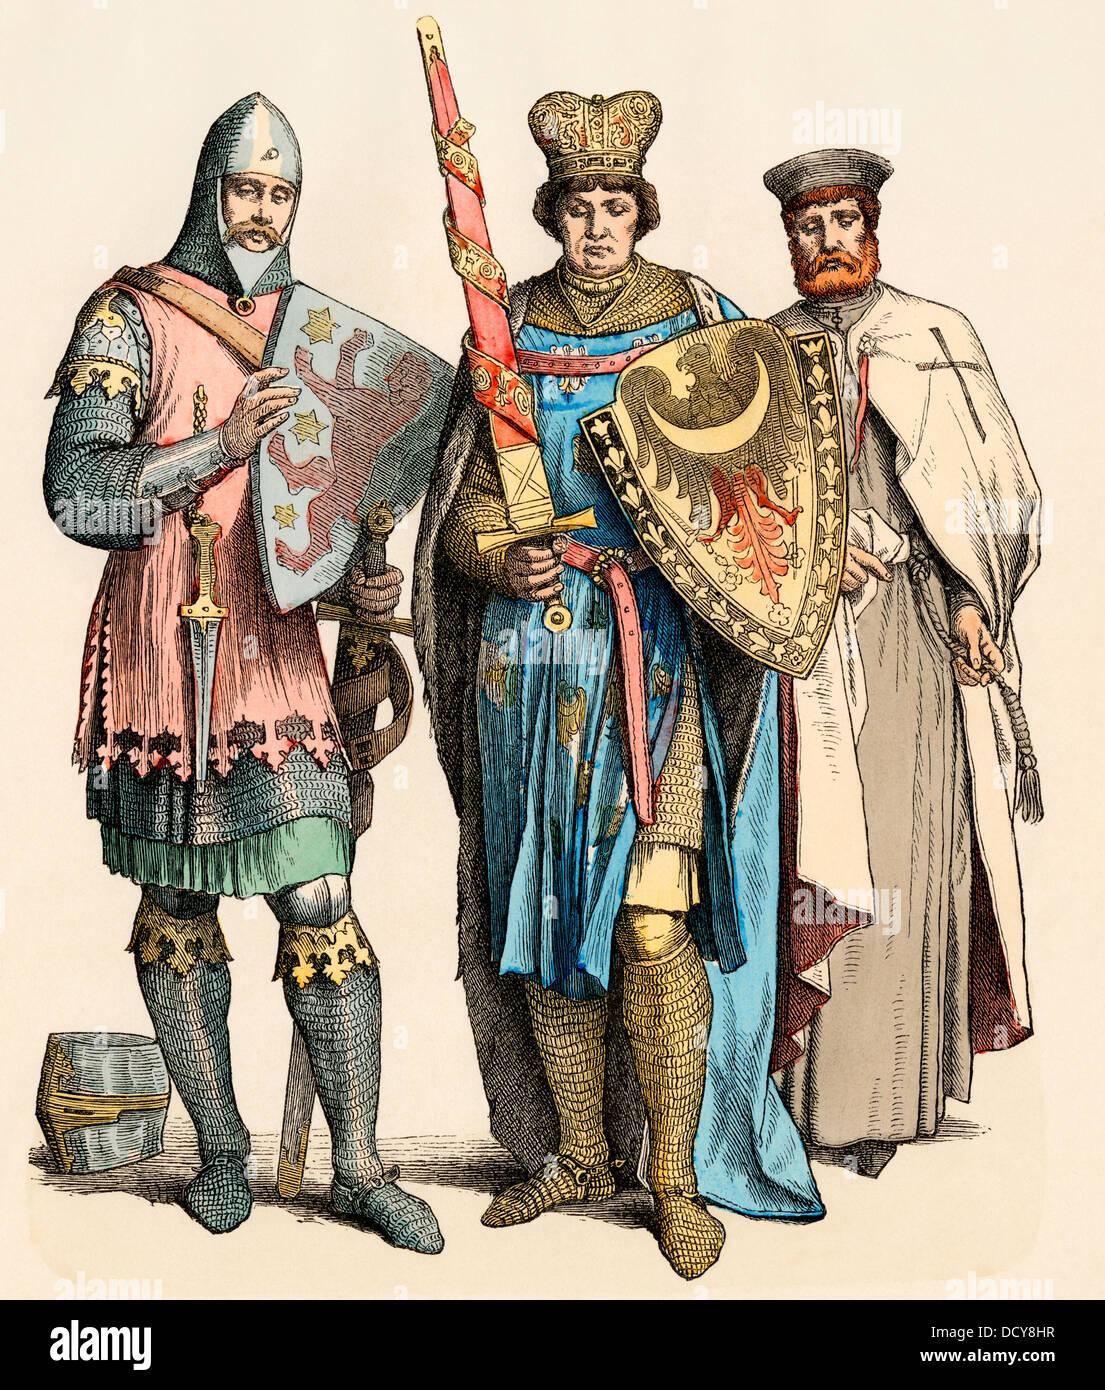 Cavaliere medievale, principe e cavaliere templare (sinistra-destra). Colorate a mano la stampa Immagini Stock